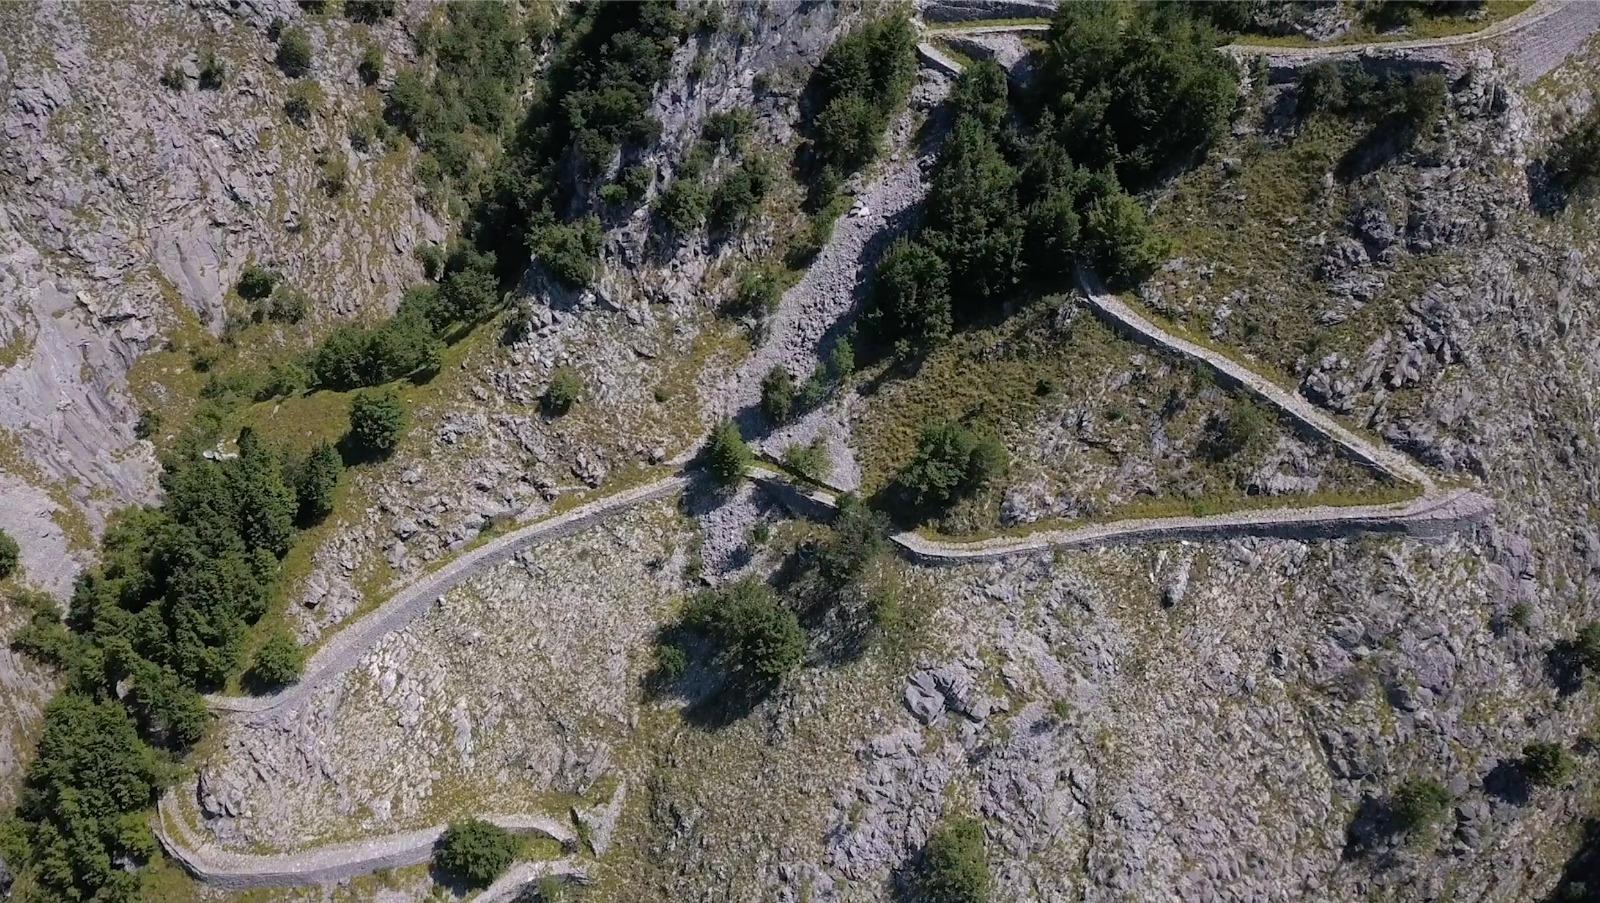 La Via Vandelli al Festival Mente Locale. La strada voluta da Francesco III d'Este in un cortometraggio